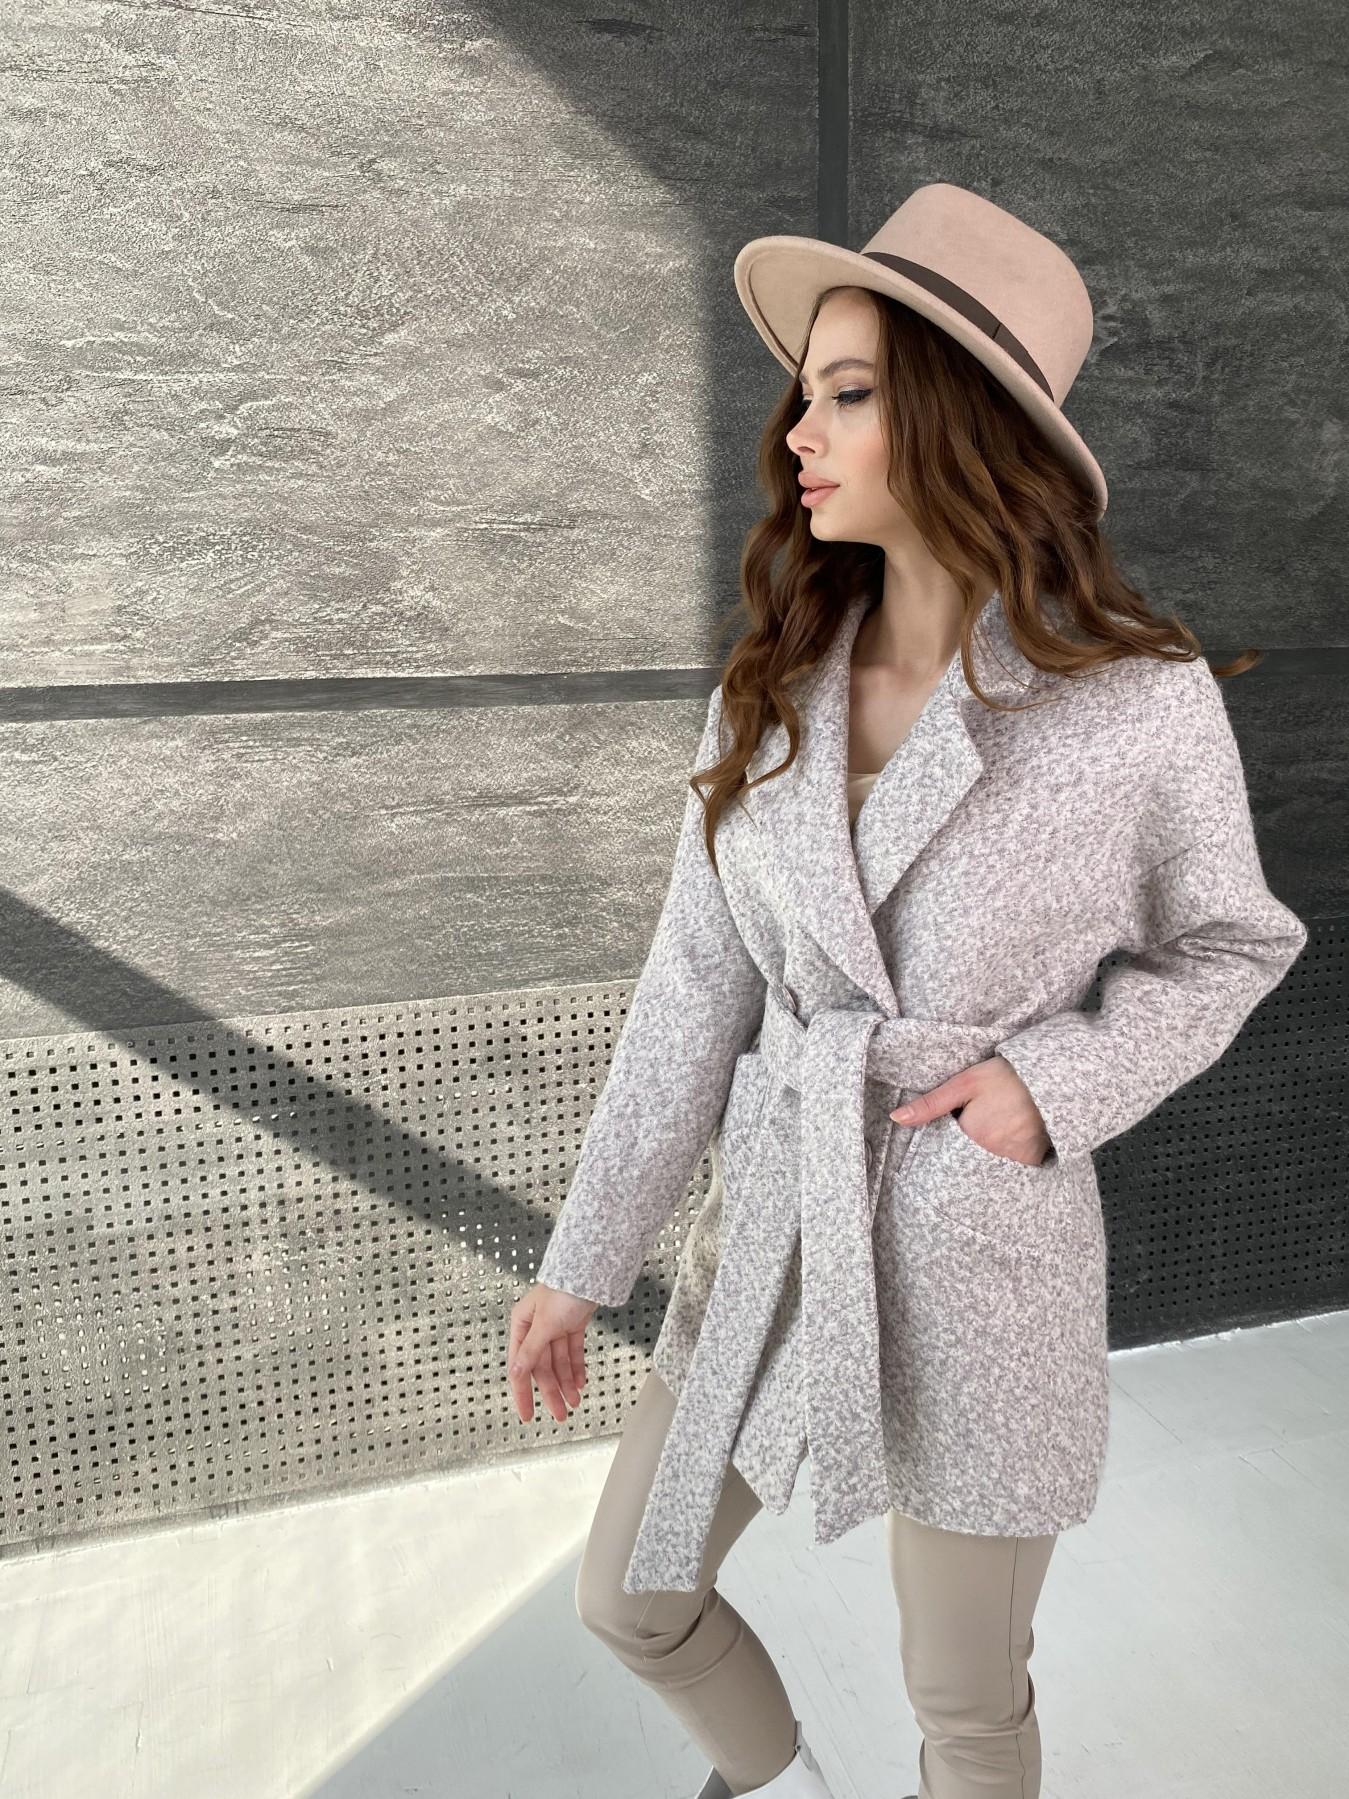 Бонд пальто из шерсти букле  10770 АРТ. 47196 Цвет: Серо-бежевый - фото 4, интернет магазин tm-modus.ru